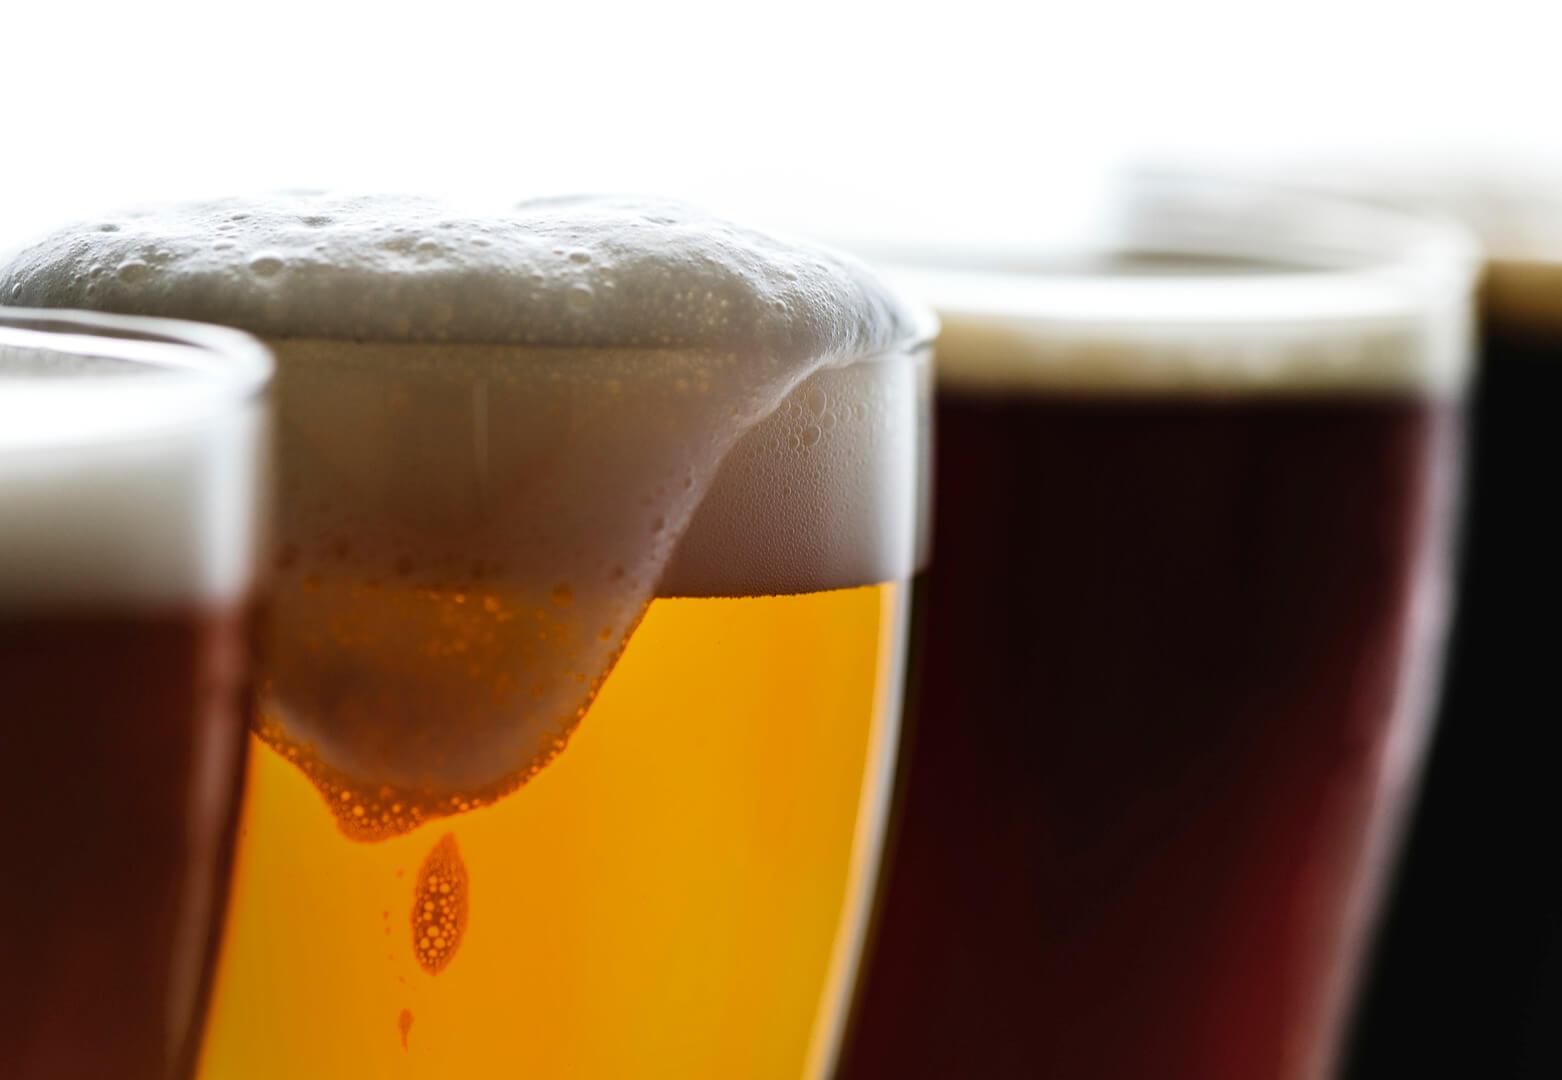 ¿Te imaginas un Cyber de cervezas? Bueno, ya es una realidad: ¿Cómo comprar?